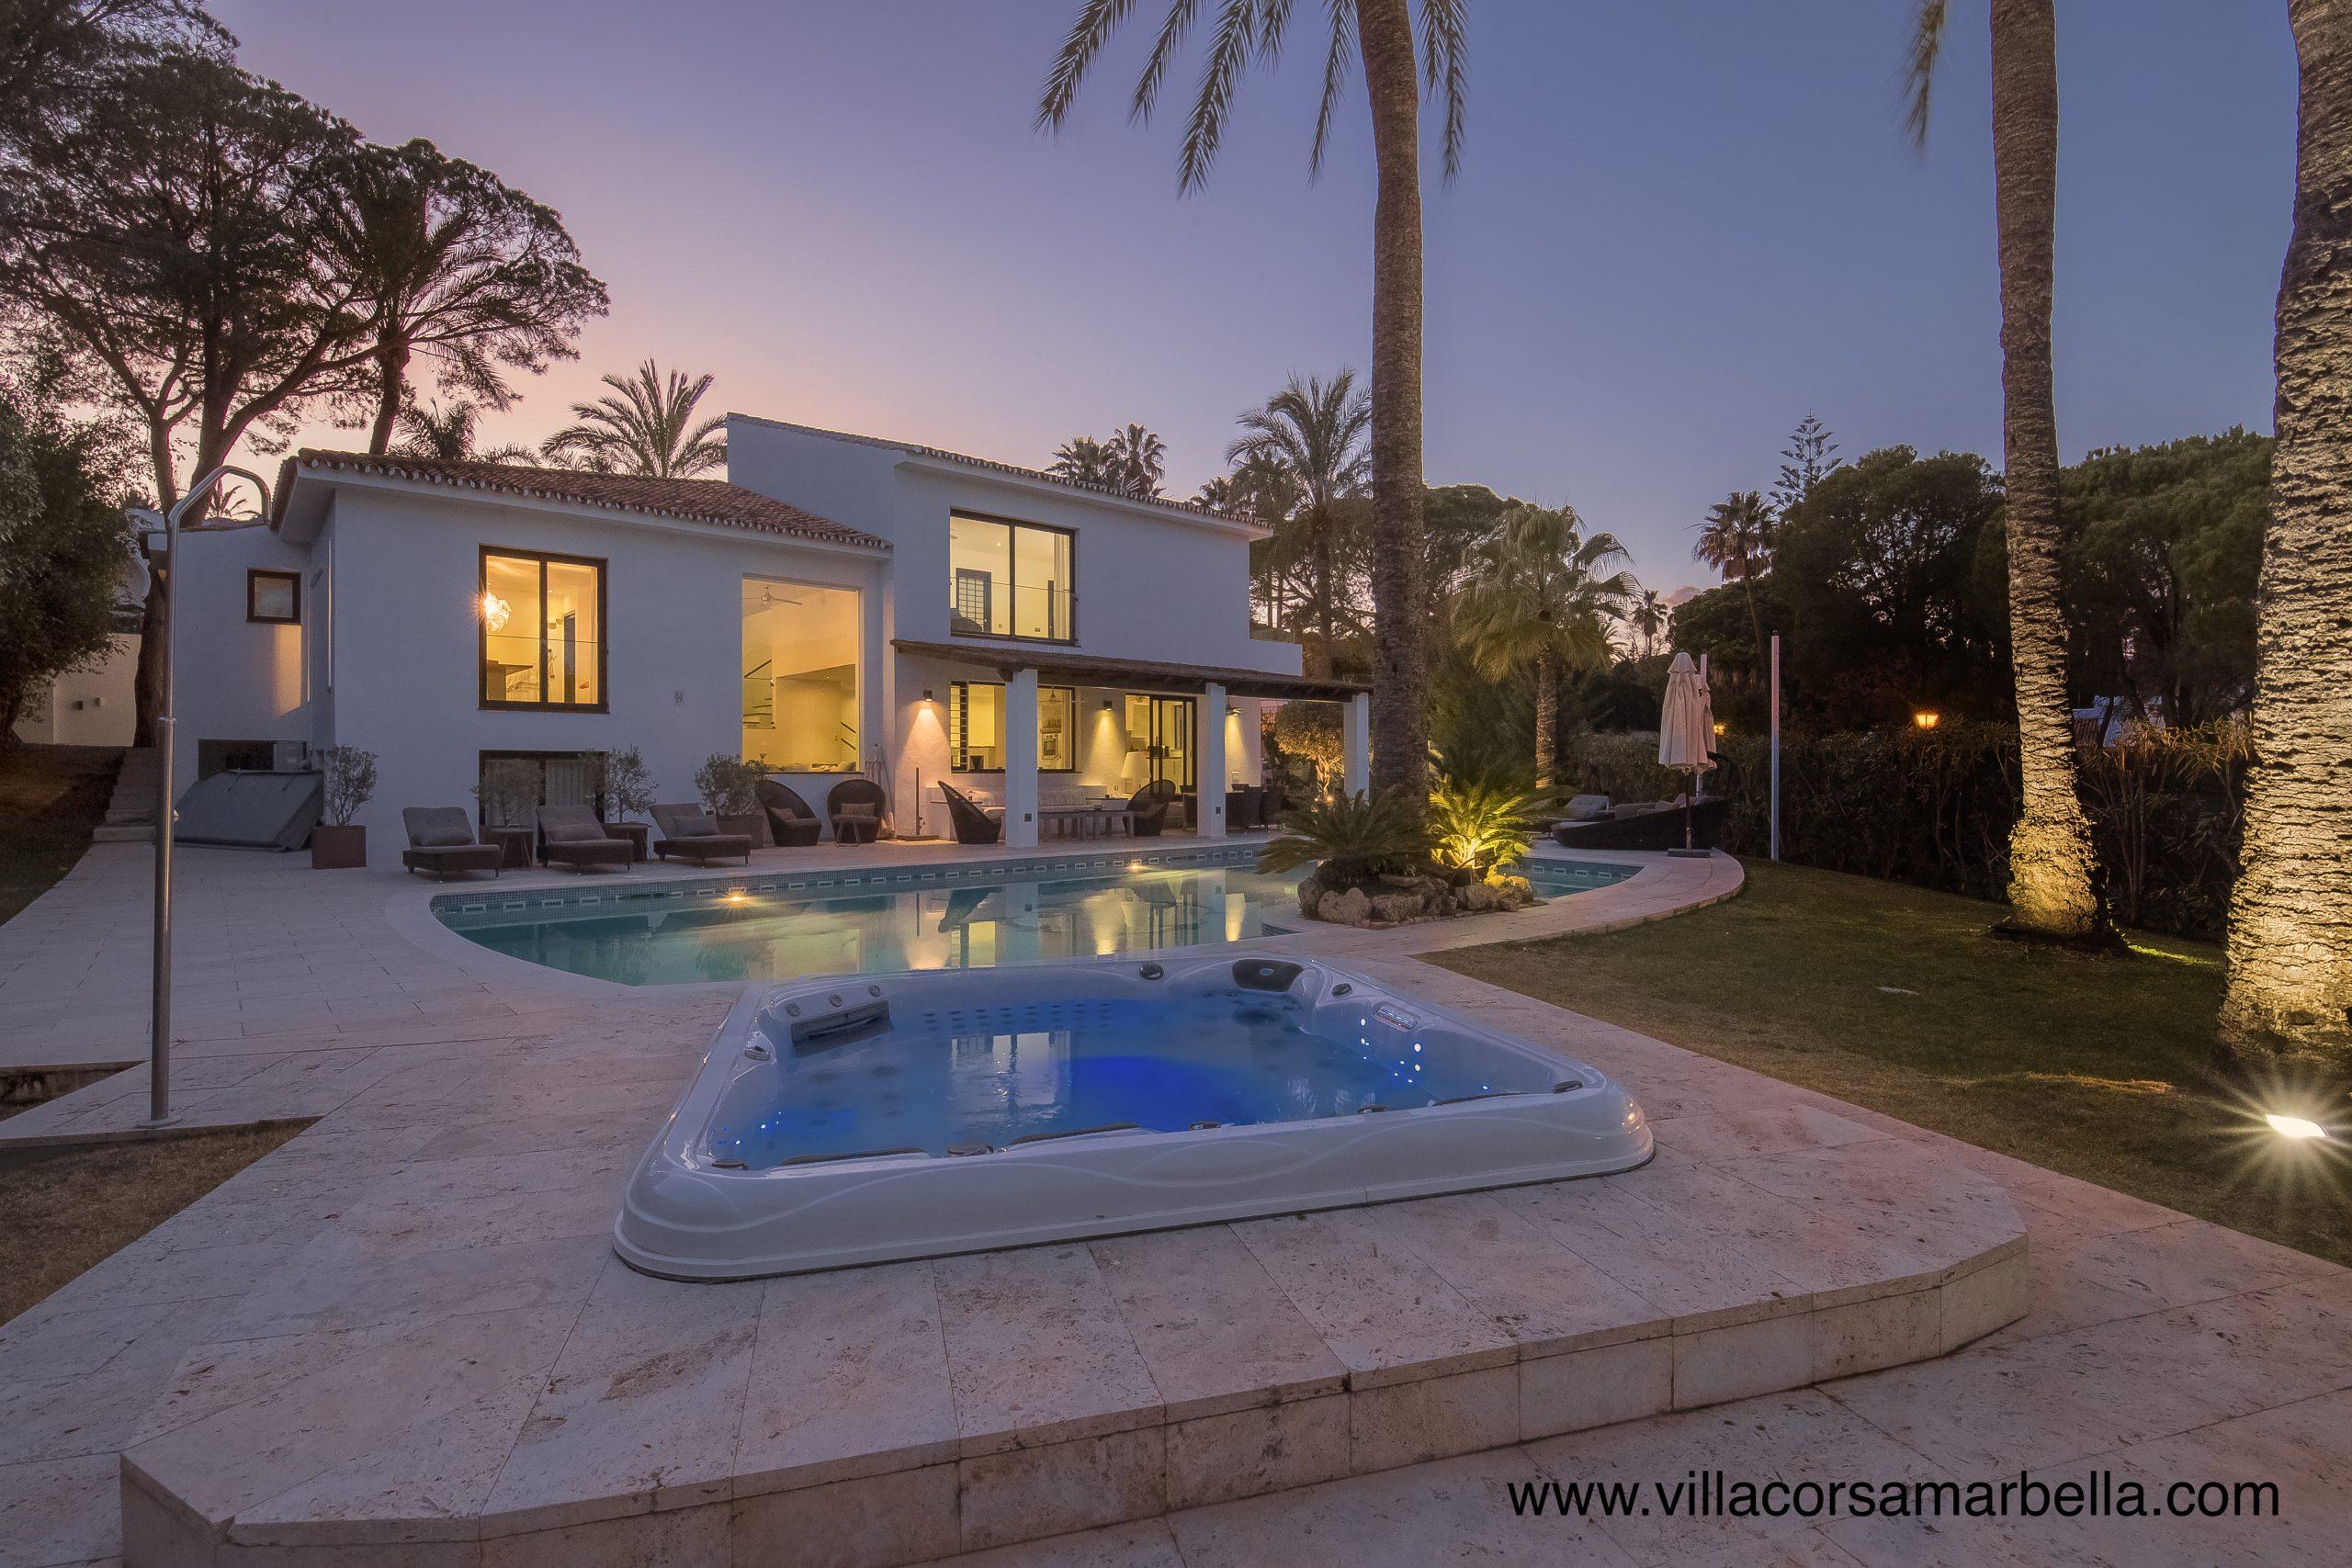 Villa Corsa Marbella